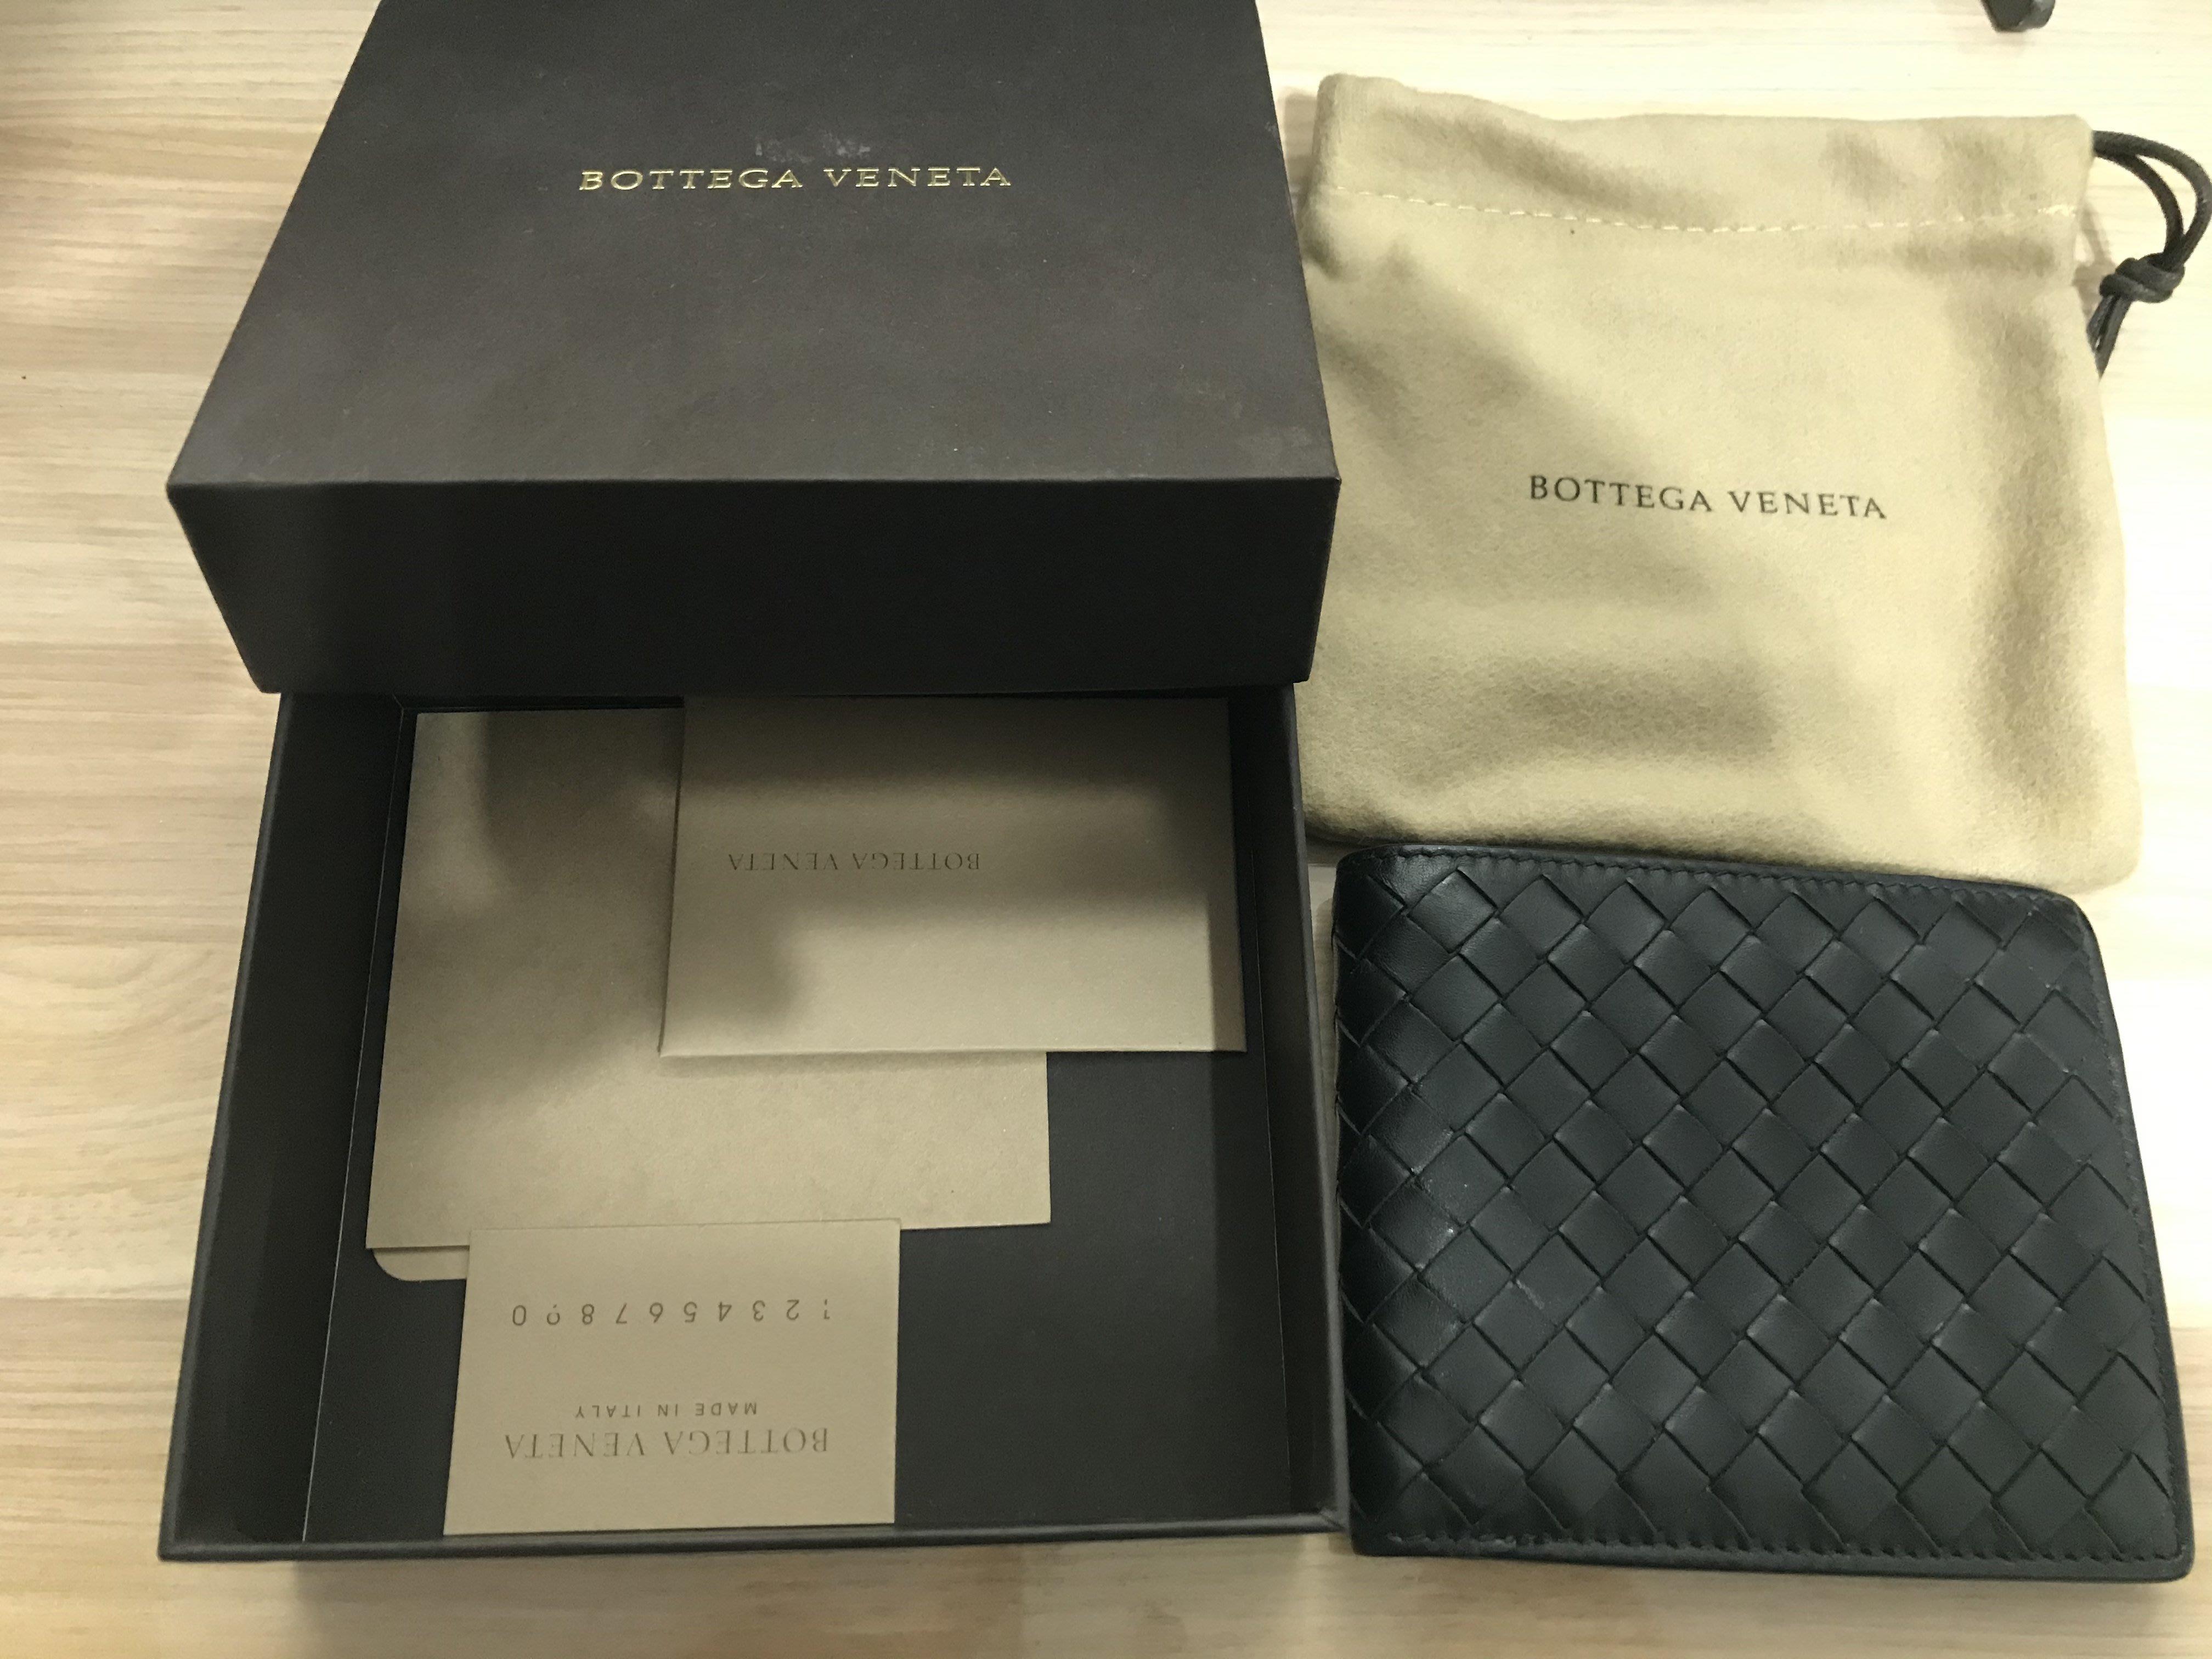 BV BOTTEGA VENETA 經典編織設計4卡小牛皮對折短夾(黑)